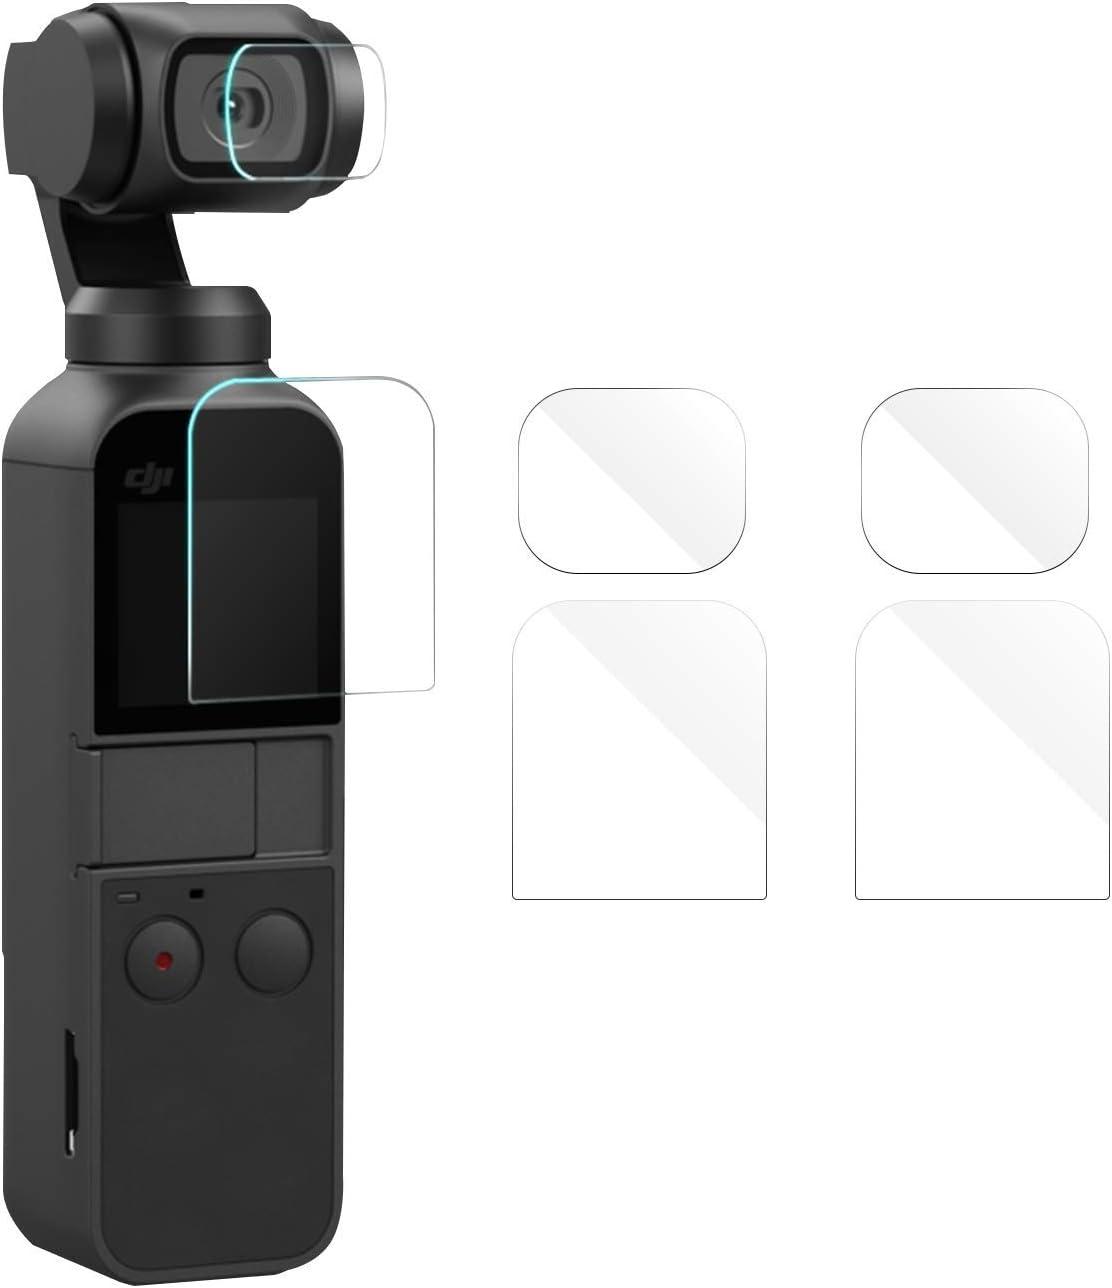 Osmo Pocket Accesorios Multifuncional Expansi/ón 1//4 Pulgada Tornillo Adaptador con Mochila Estabilizador de Clips Konee Kits de Accesorios pour dji OSMO Pocket